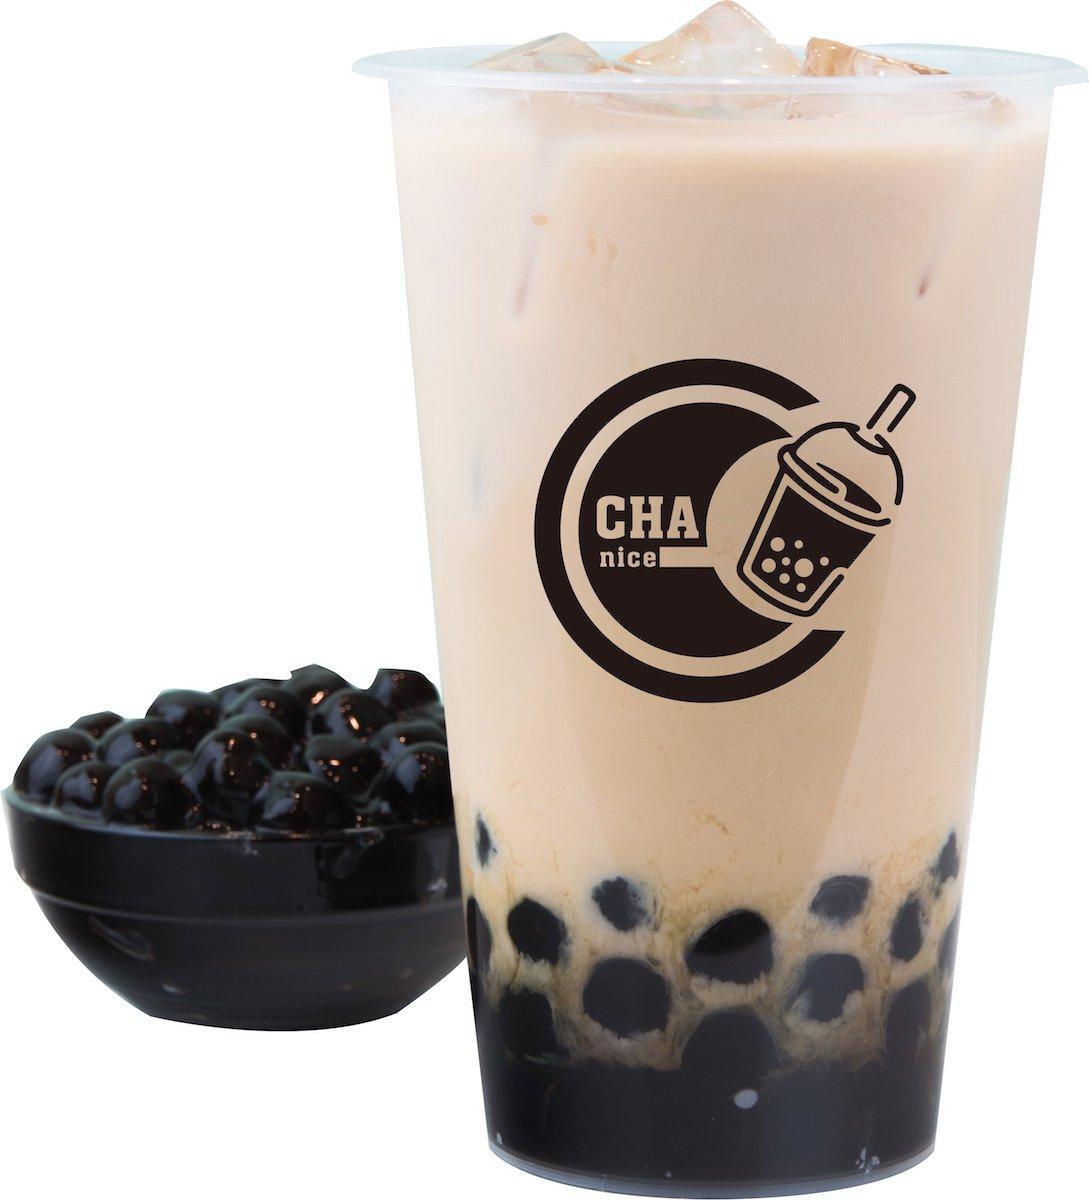 三鷹の「CHA nice(チャナイス)」で提供する「伯爵紅茶タピオカミルクティー」